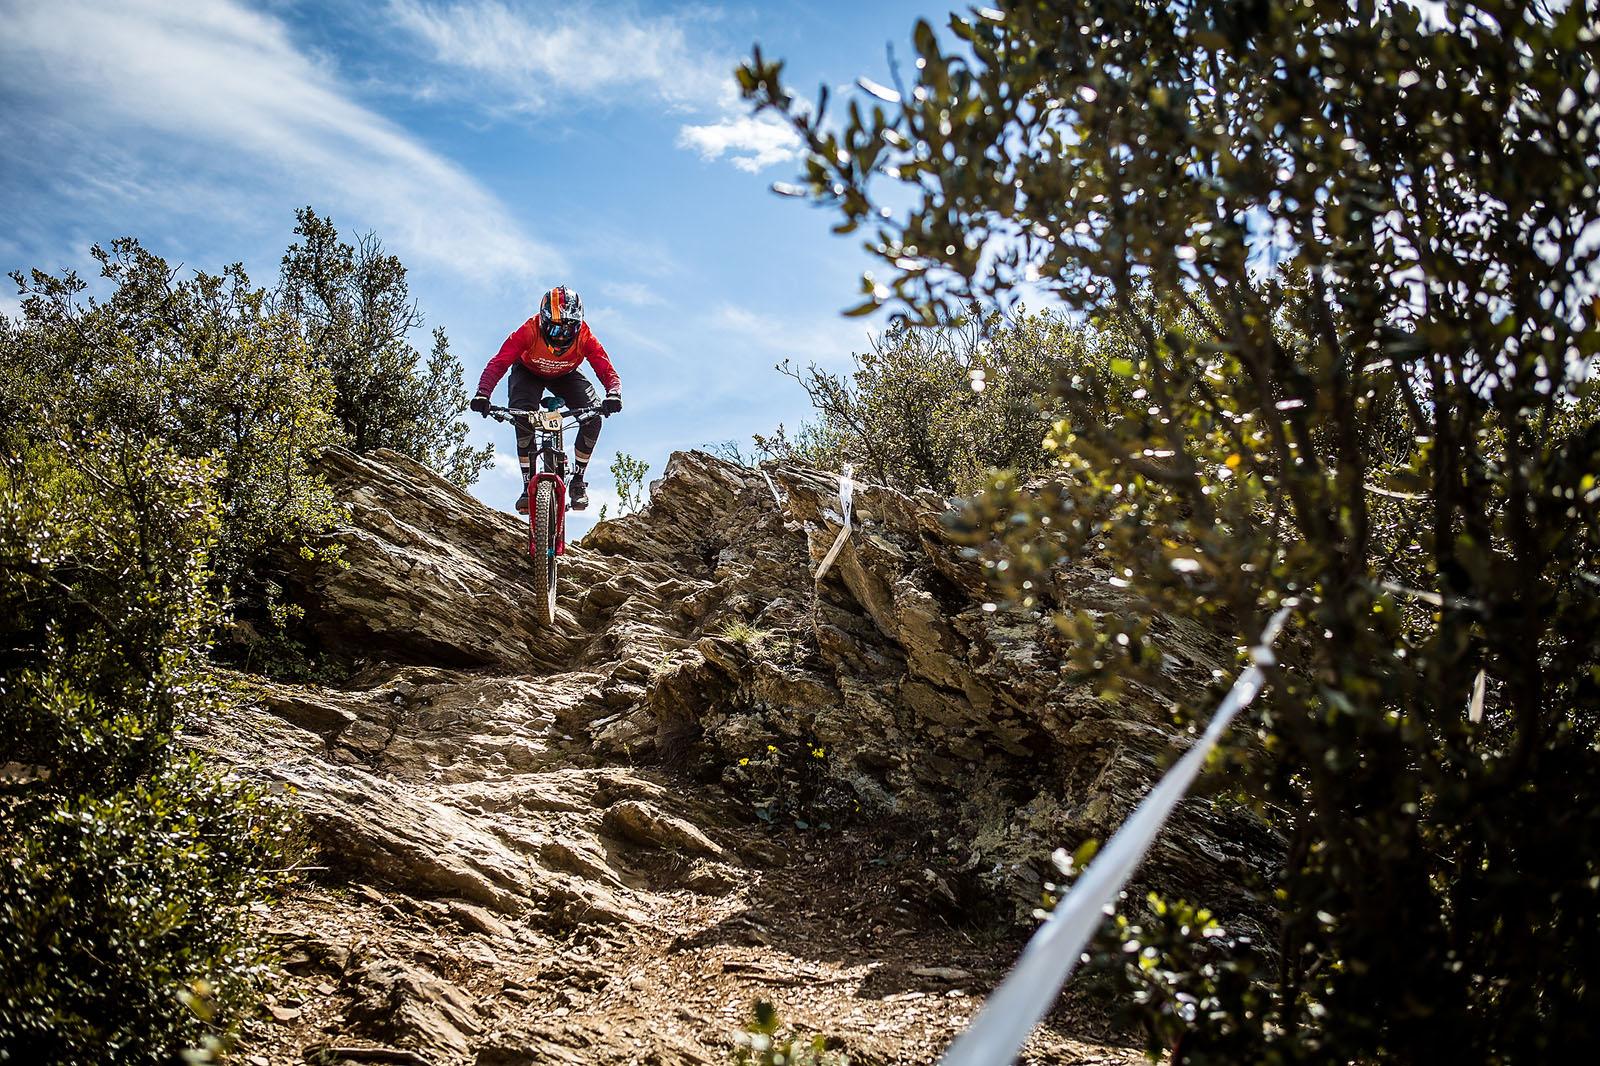 Santa Cruz Bicycles - Iago Garay at EWS 3 in France